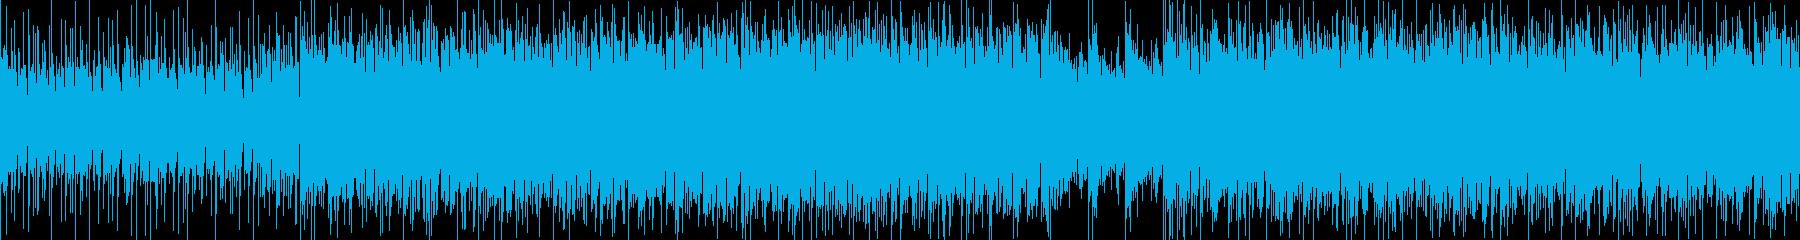 【ループ可】アフリカの草原を彷彿する音楽の再生済みの波形